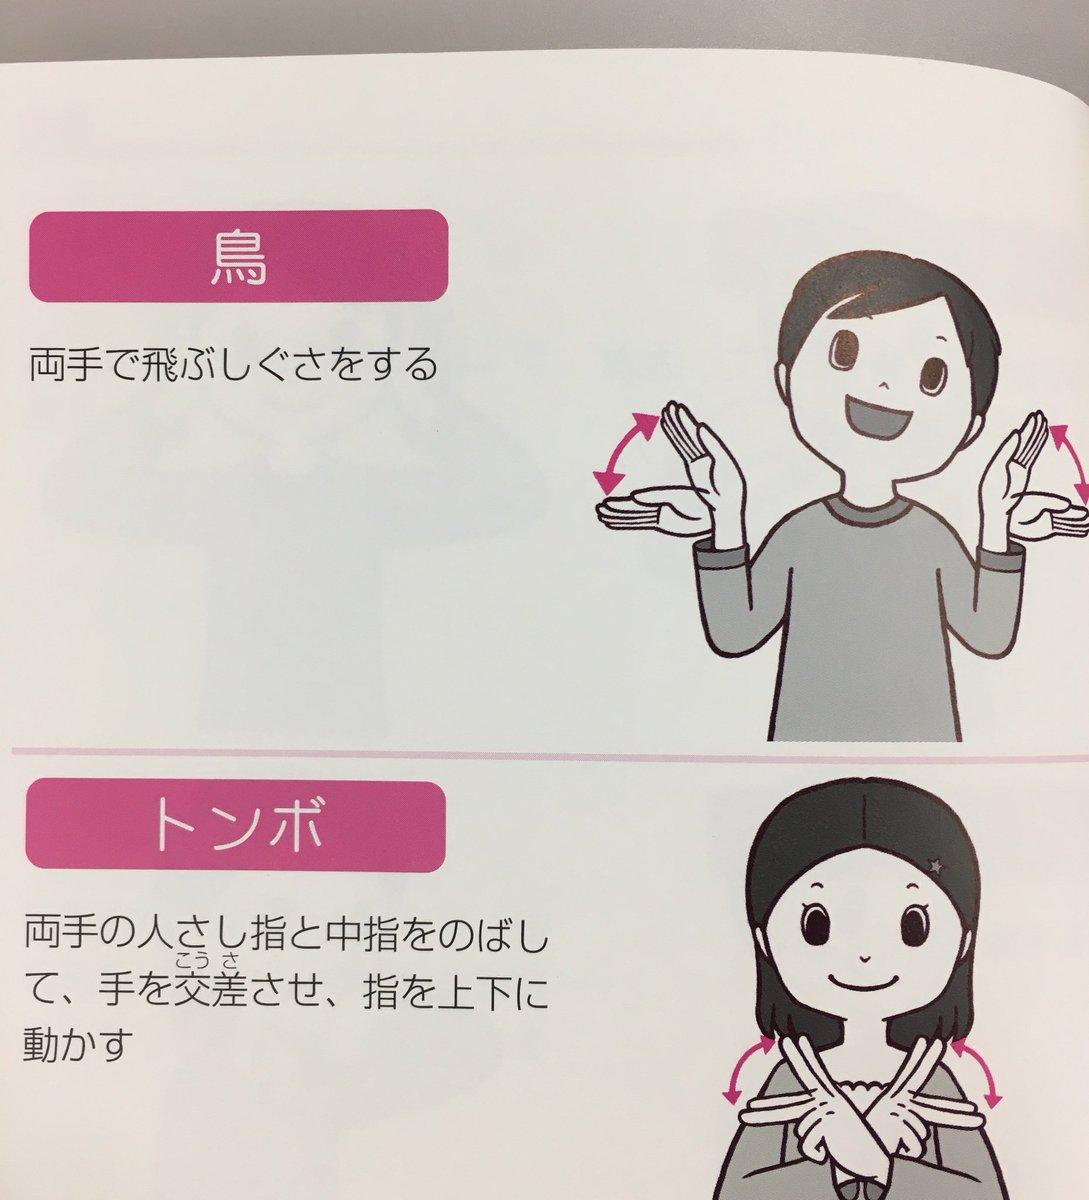 汐文社さんの投稿画像